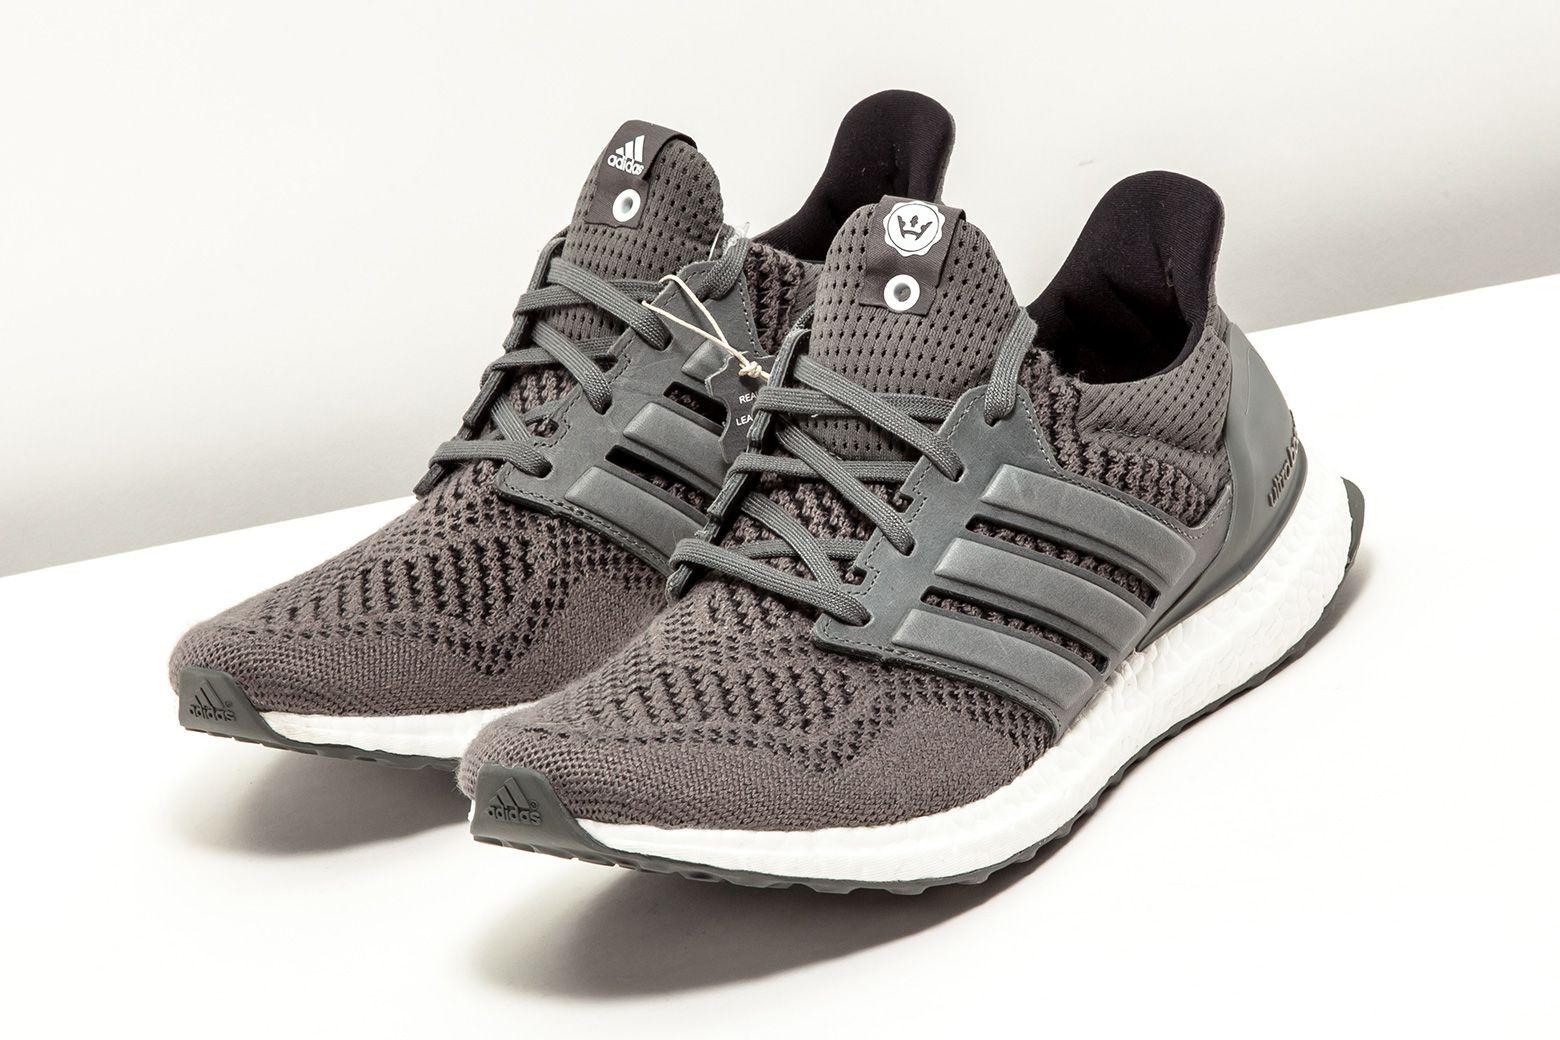 170bfa304 Adidas Ultra Boost Highsnobiety